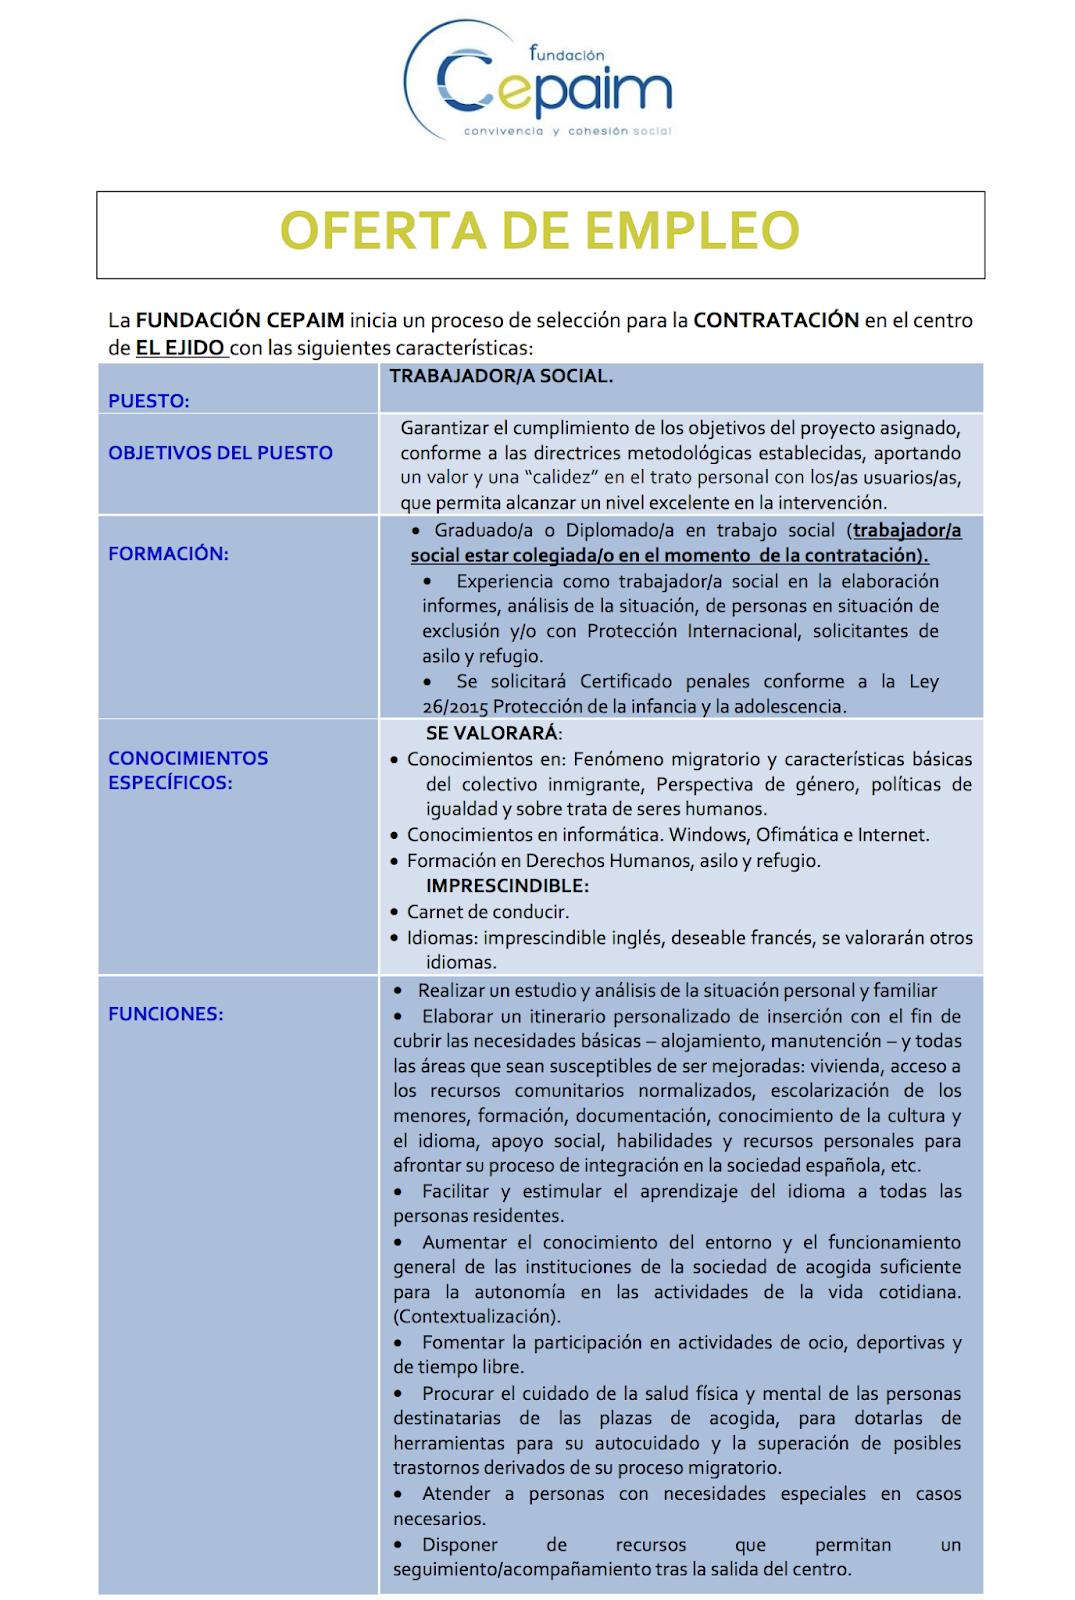 Ofertas de Empleo en España: Trabajador Social - El Ejido ... - photo#30